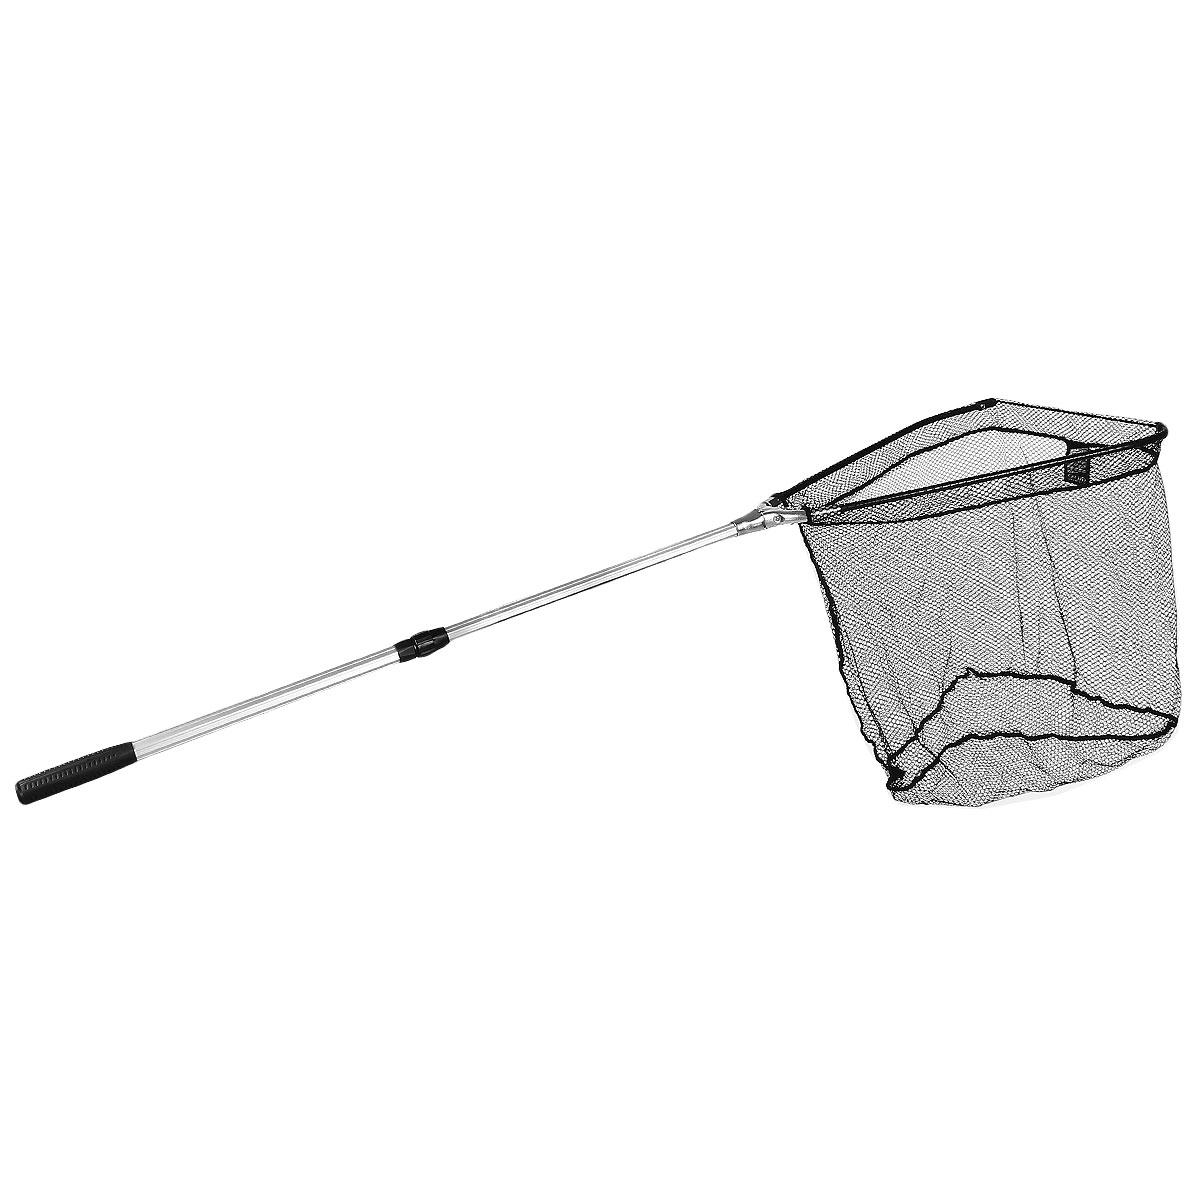 Подсачек складной Salmo, телескопический, 140 см х 50 см х 46 см7502-140Подсачек - важная деталь снаряжения любого рыболова. Удобный складной подсачек с треугольной формой сачка и телескопической ручкой. Размер ячейки 0,8 см х 0,8 см. На ручке расположен фиксатор для закрепления на поясе.Материал: металл, капрон.